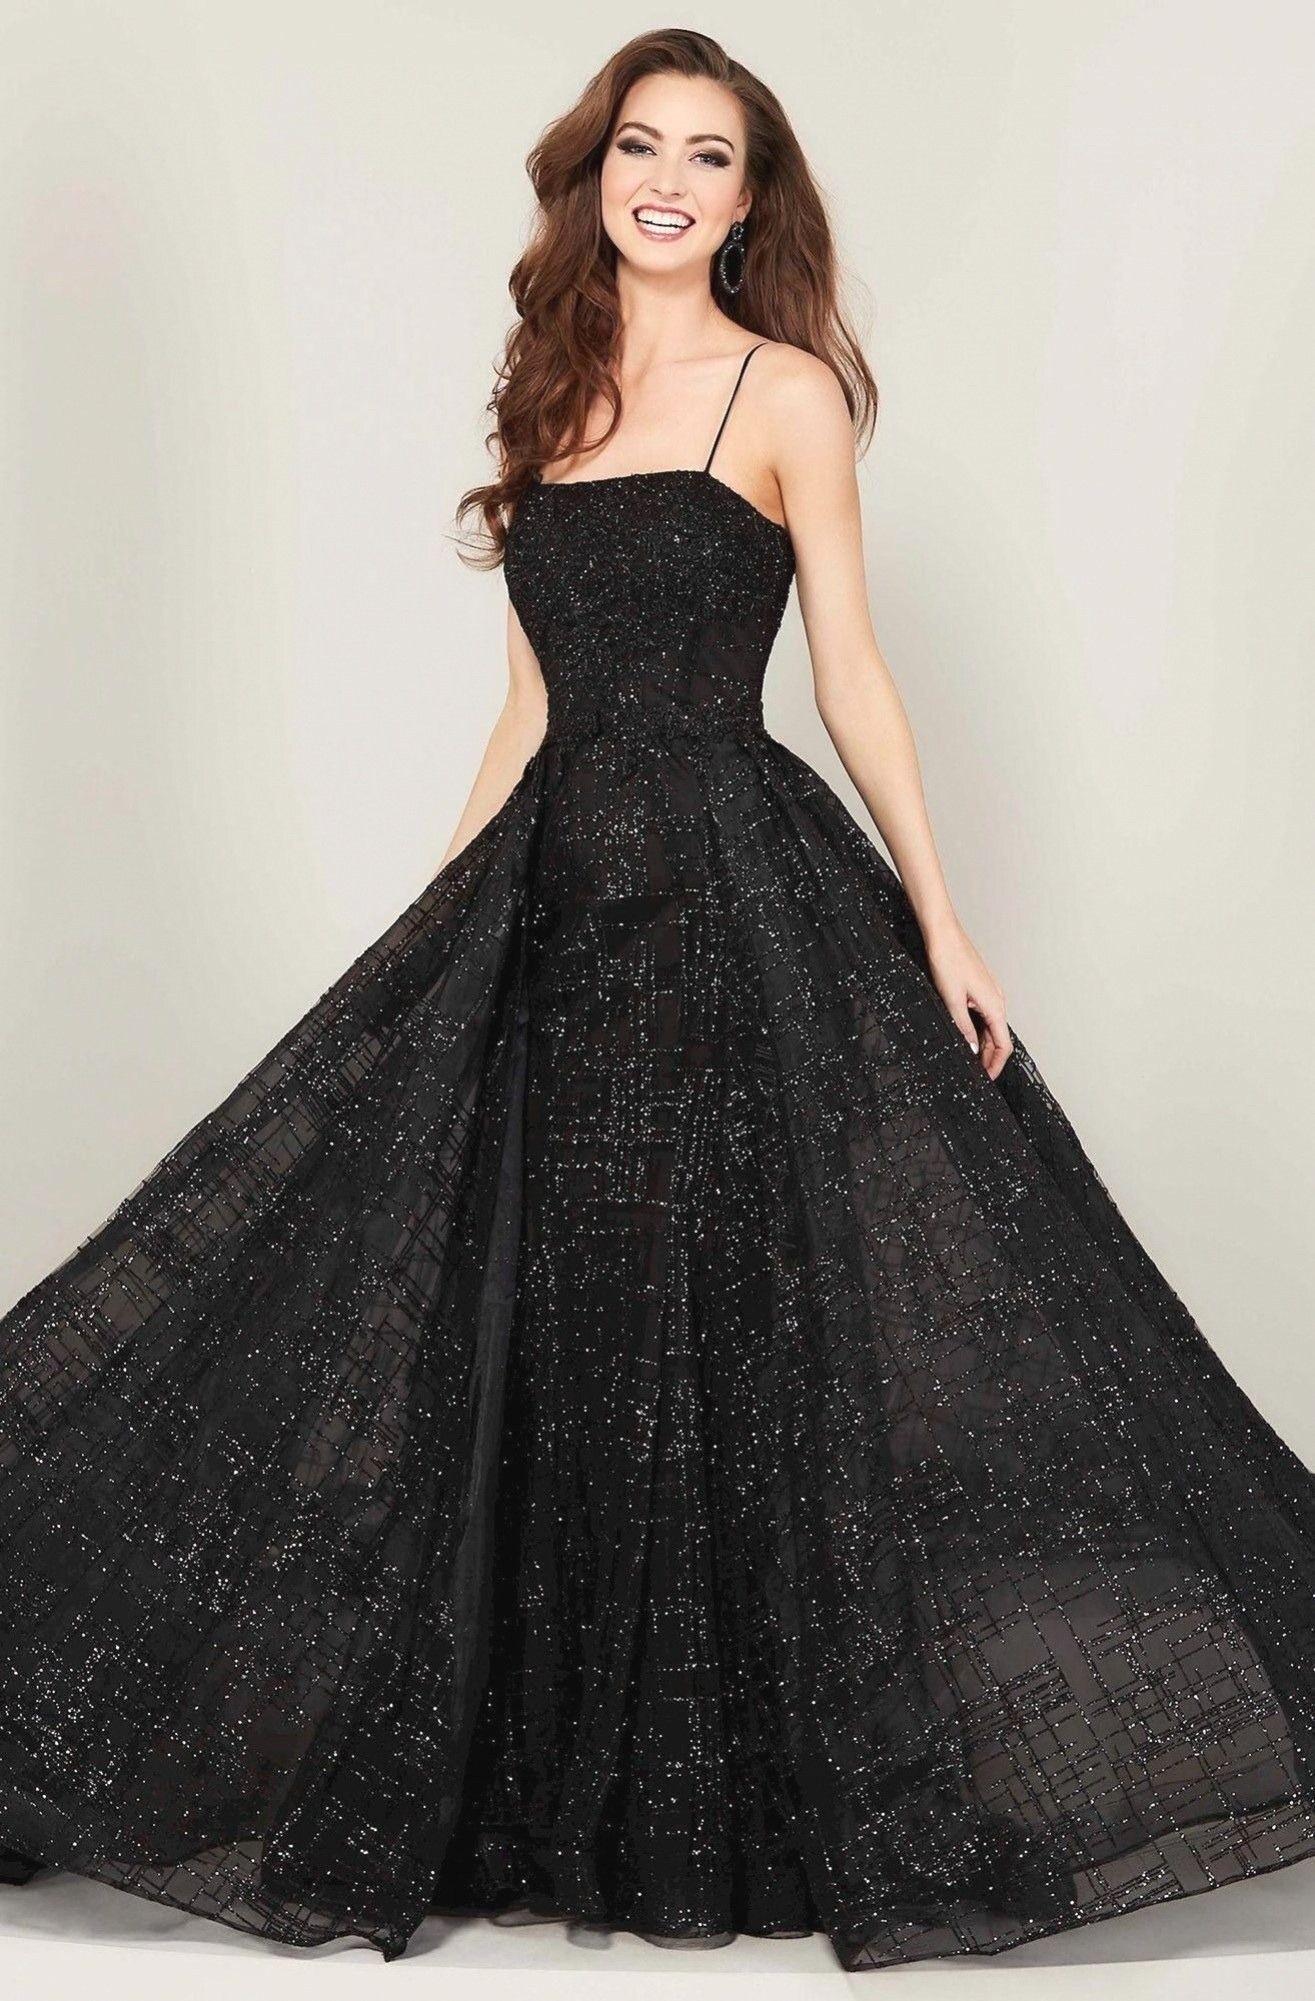 Luxus-kleider - damen - mode-boutique in 16  Kleider damen